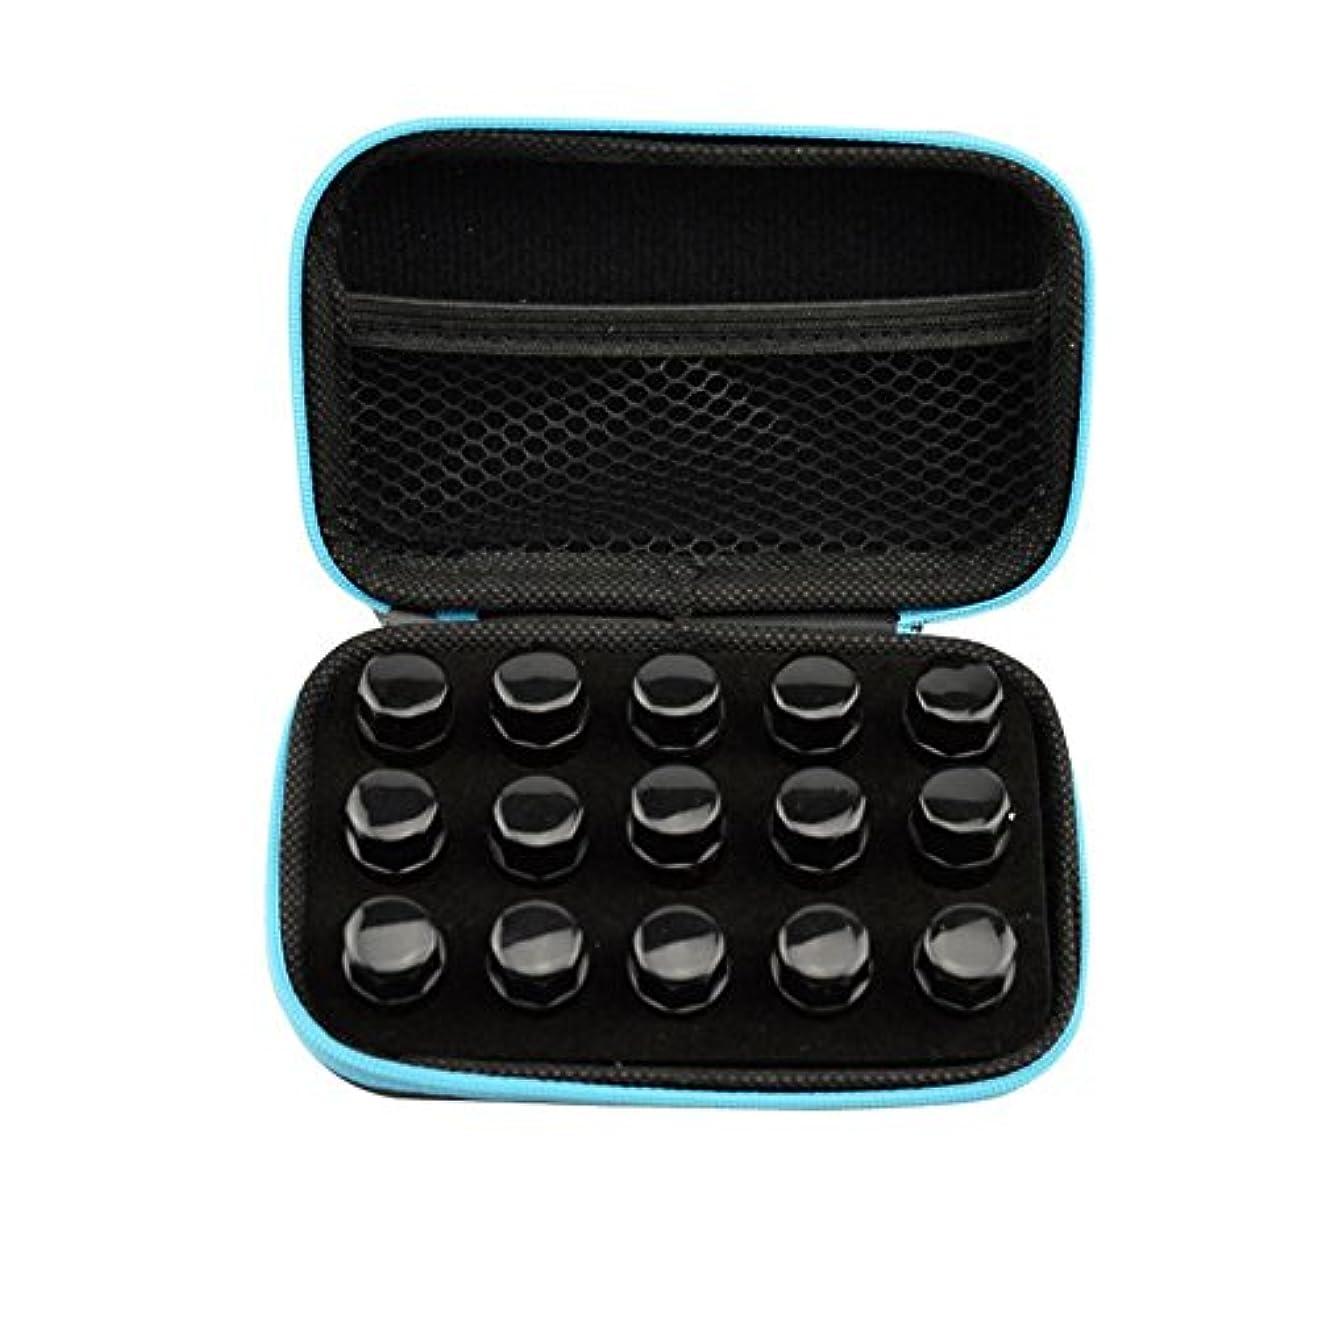 司法テント選択するFarlong アロマポーチ エッセンシャルオイル ケース 携帯用 アロマケース メイクポーチ 精油ケース 大容量 アロマセラピストポーチ 15本の精油貯蔵袋1ML2ML3ML